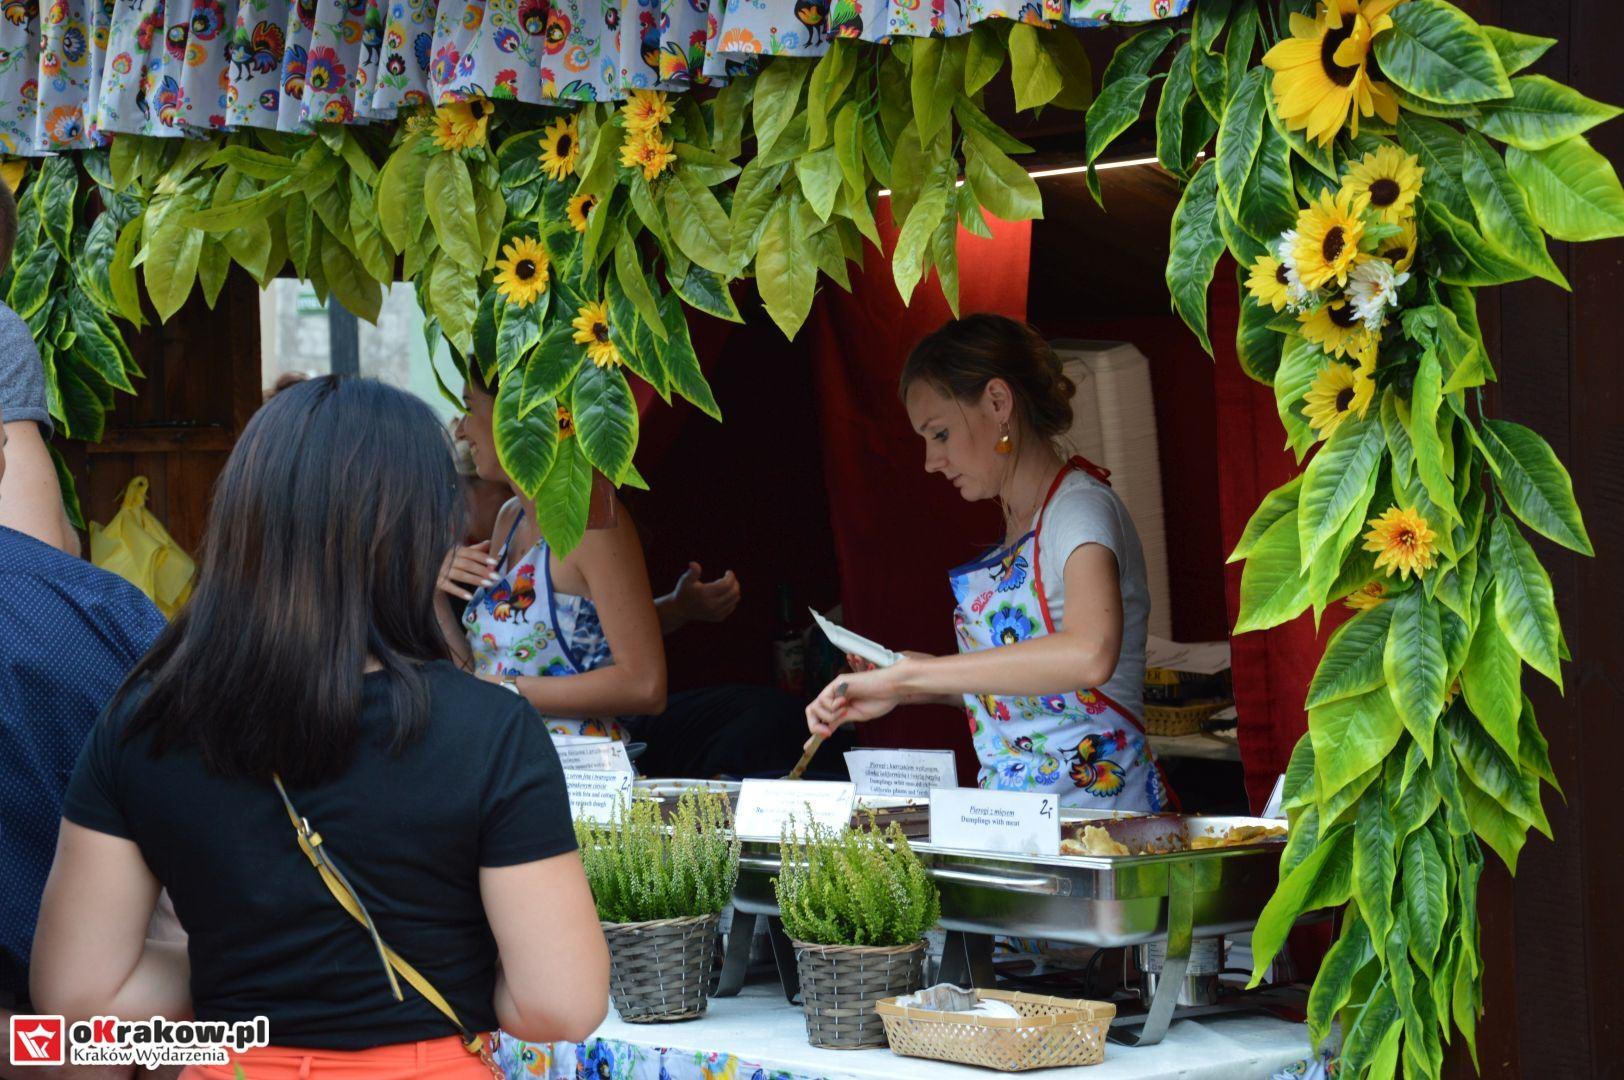 krakow festiwal pierogow maly rynek koncert cheap tobacco 89 150x150 - Galeria zdjęć Festiwal Pierogów Kraków 2018 + zdjęcia z koncertu Cheap Tobacco